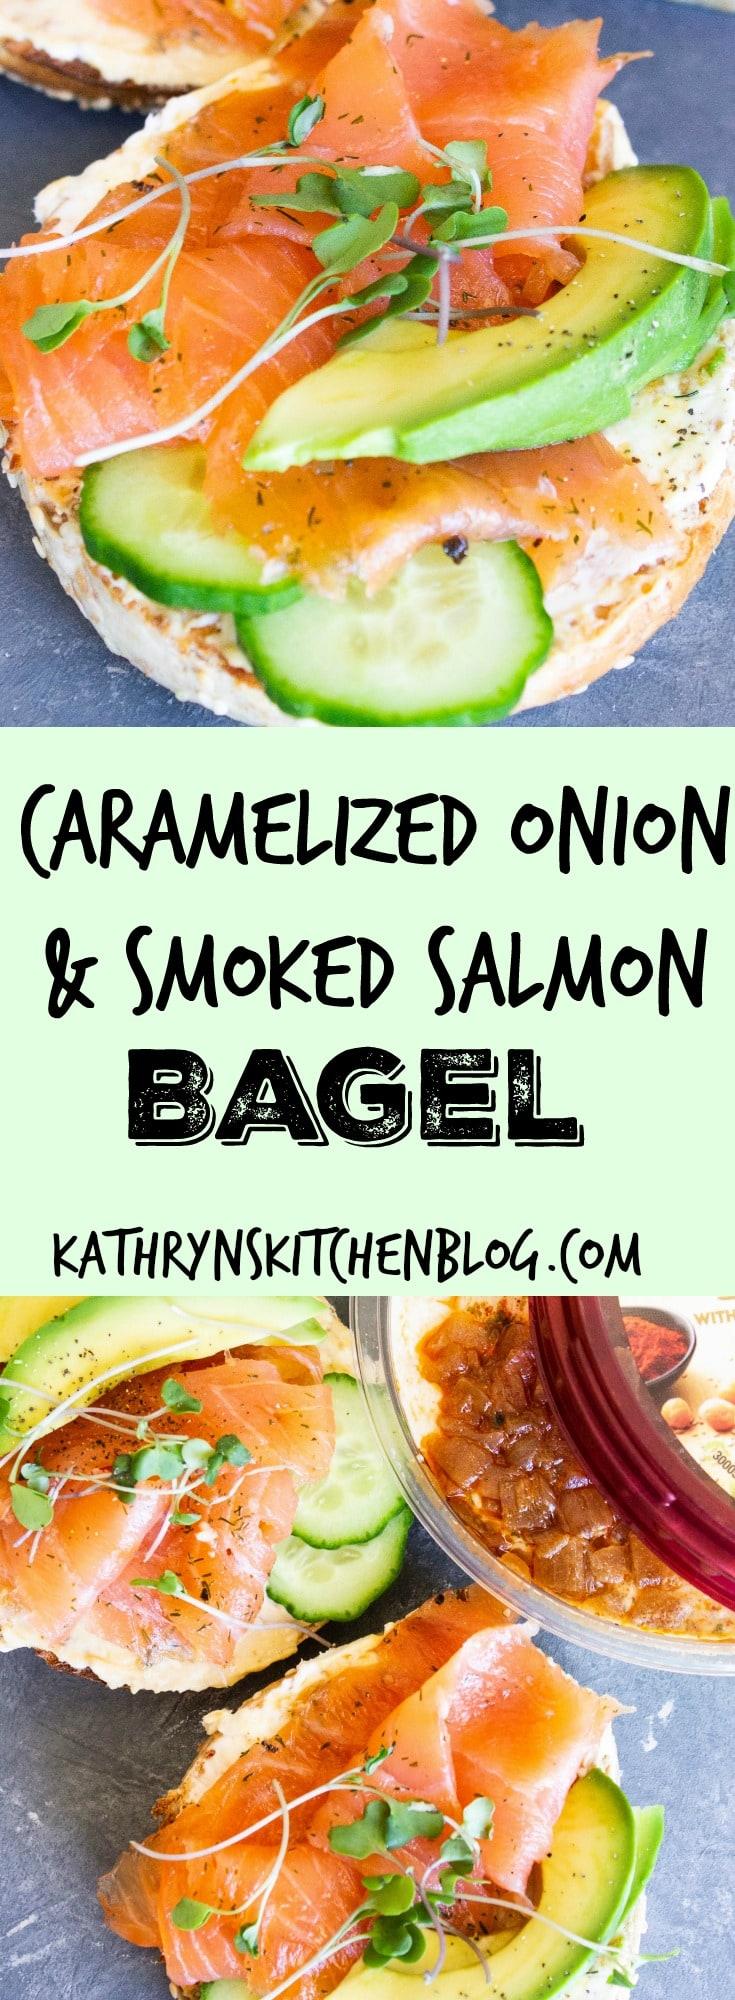 Caramelized Onion & Salmon Bagel